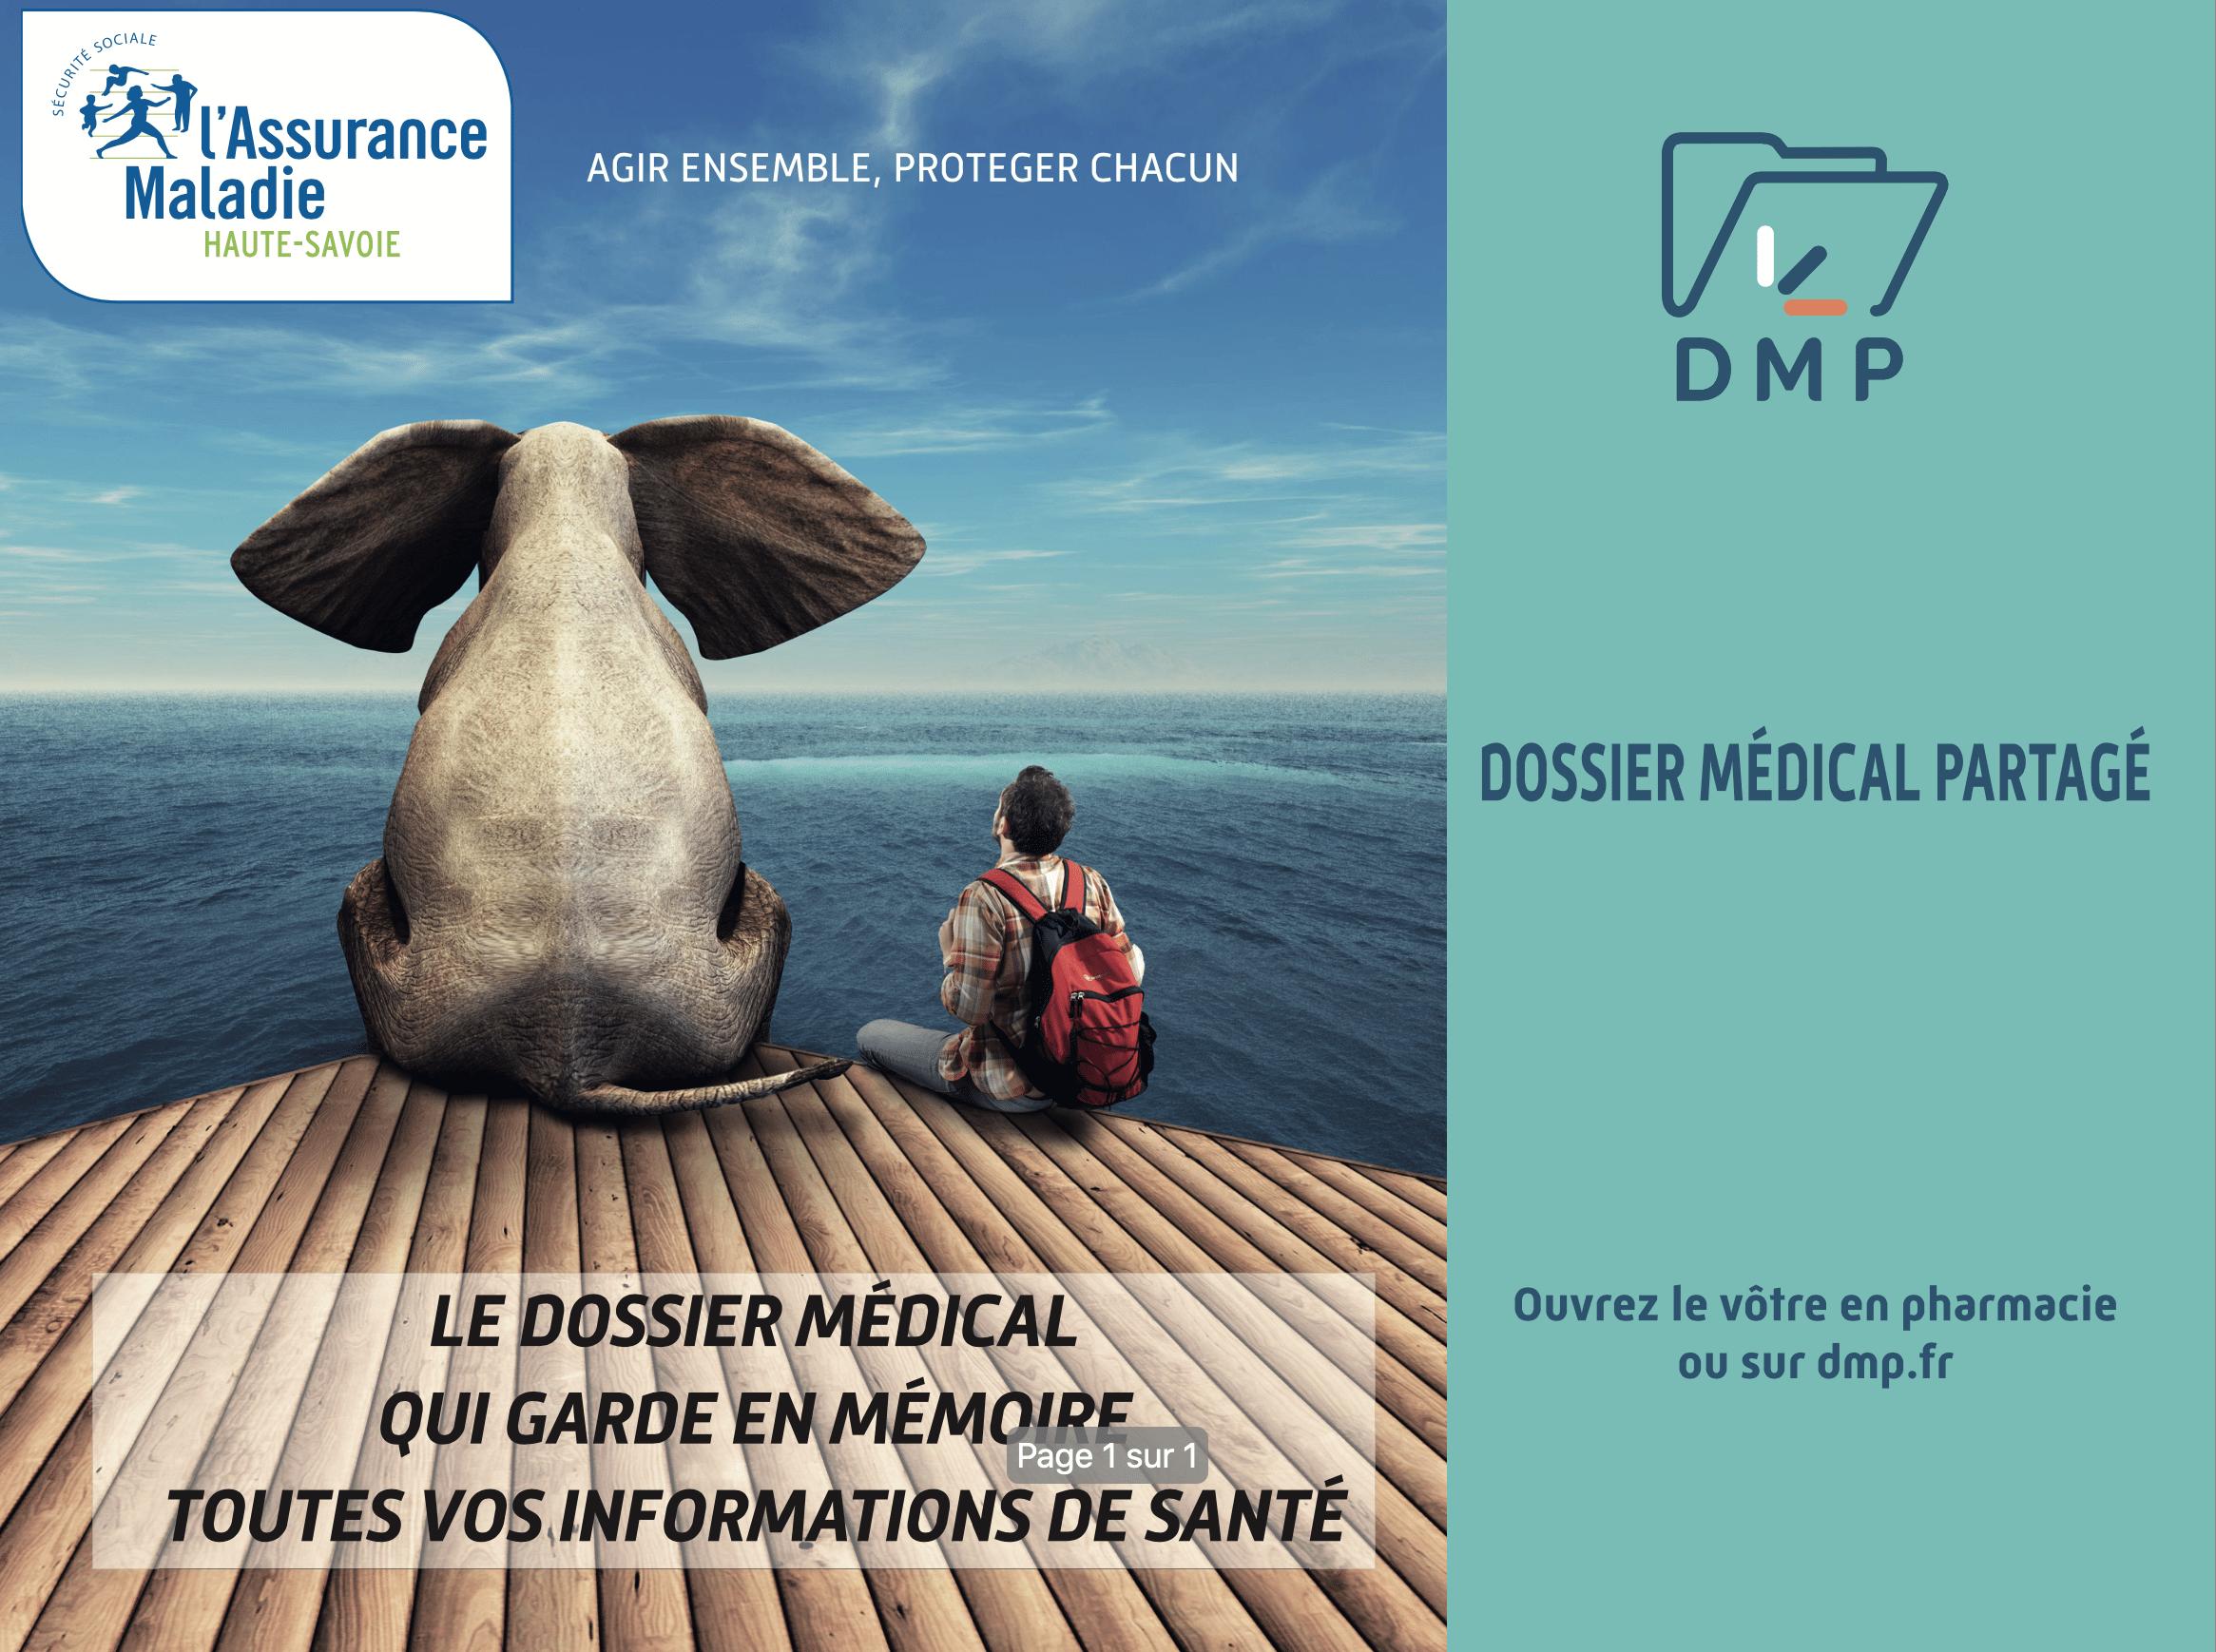 Visuel du dossier médical partagé - CPAM Haute-Savoie